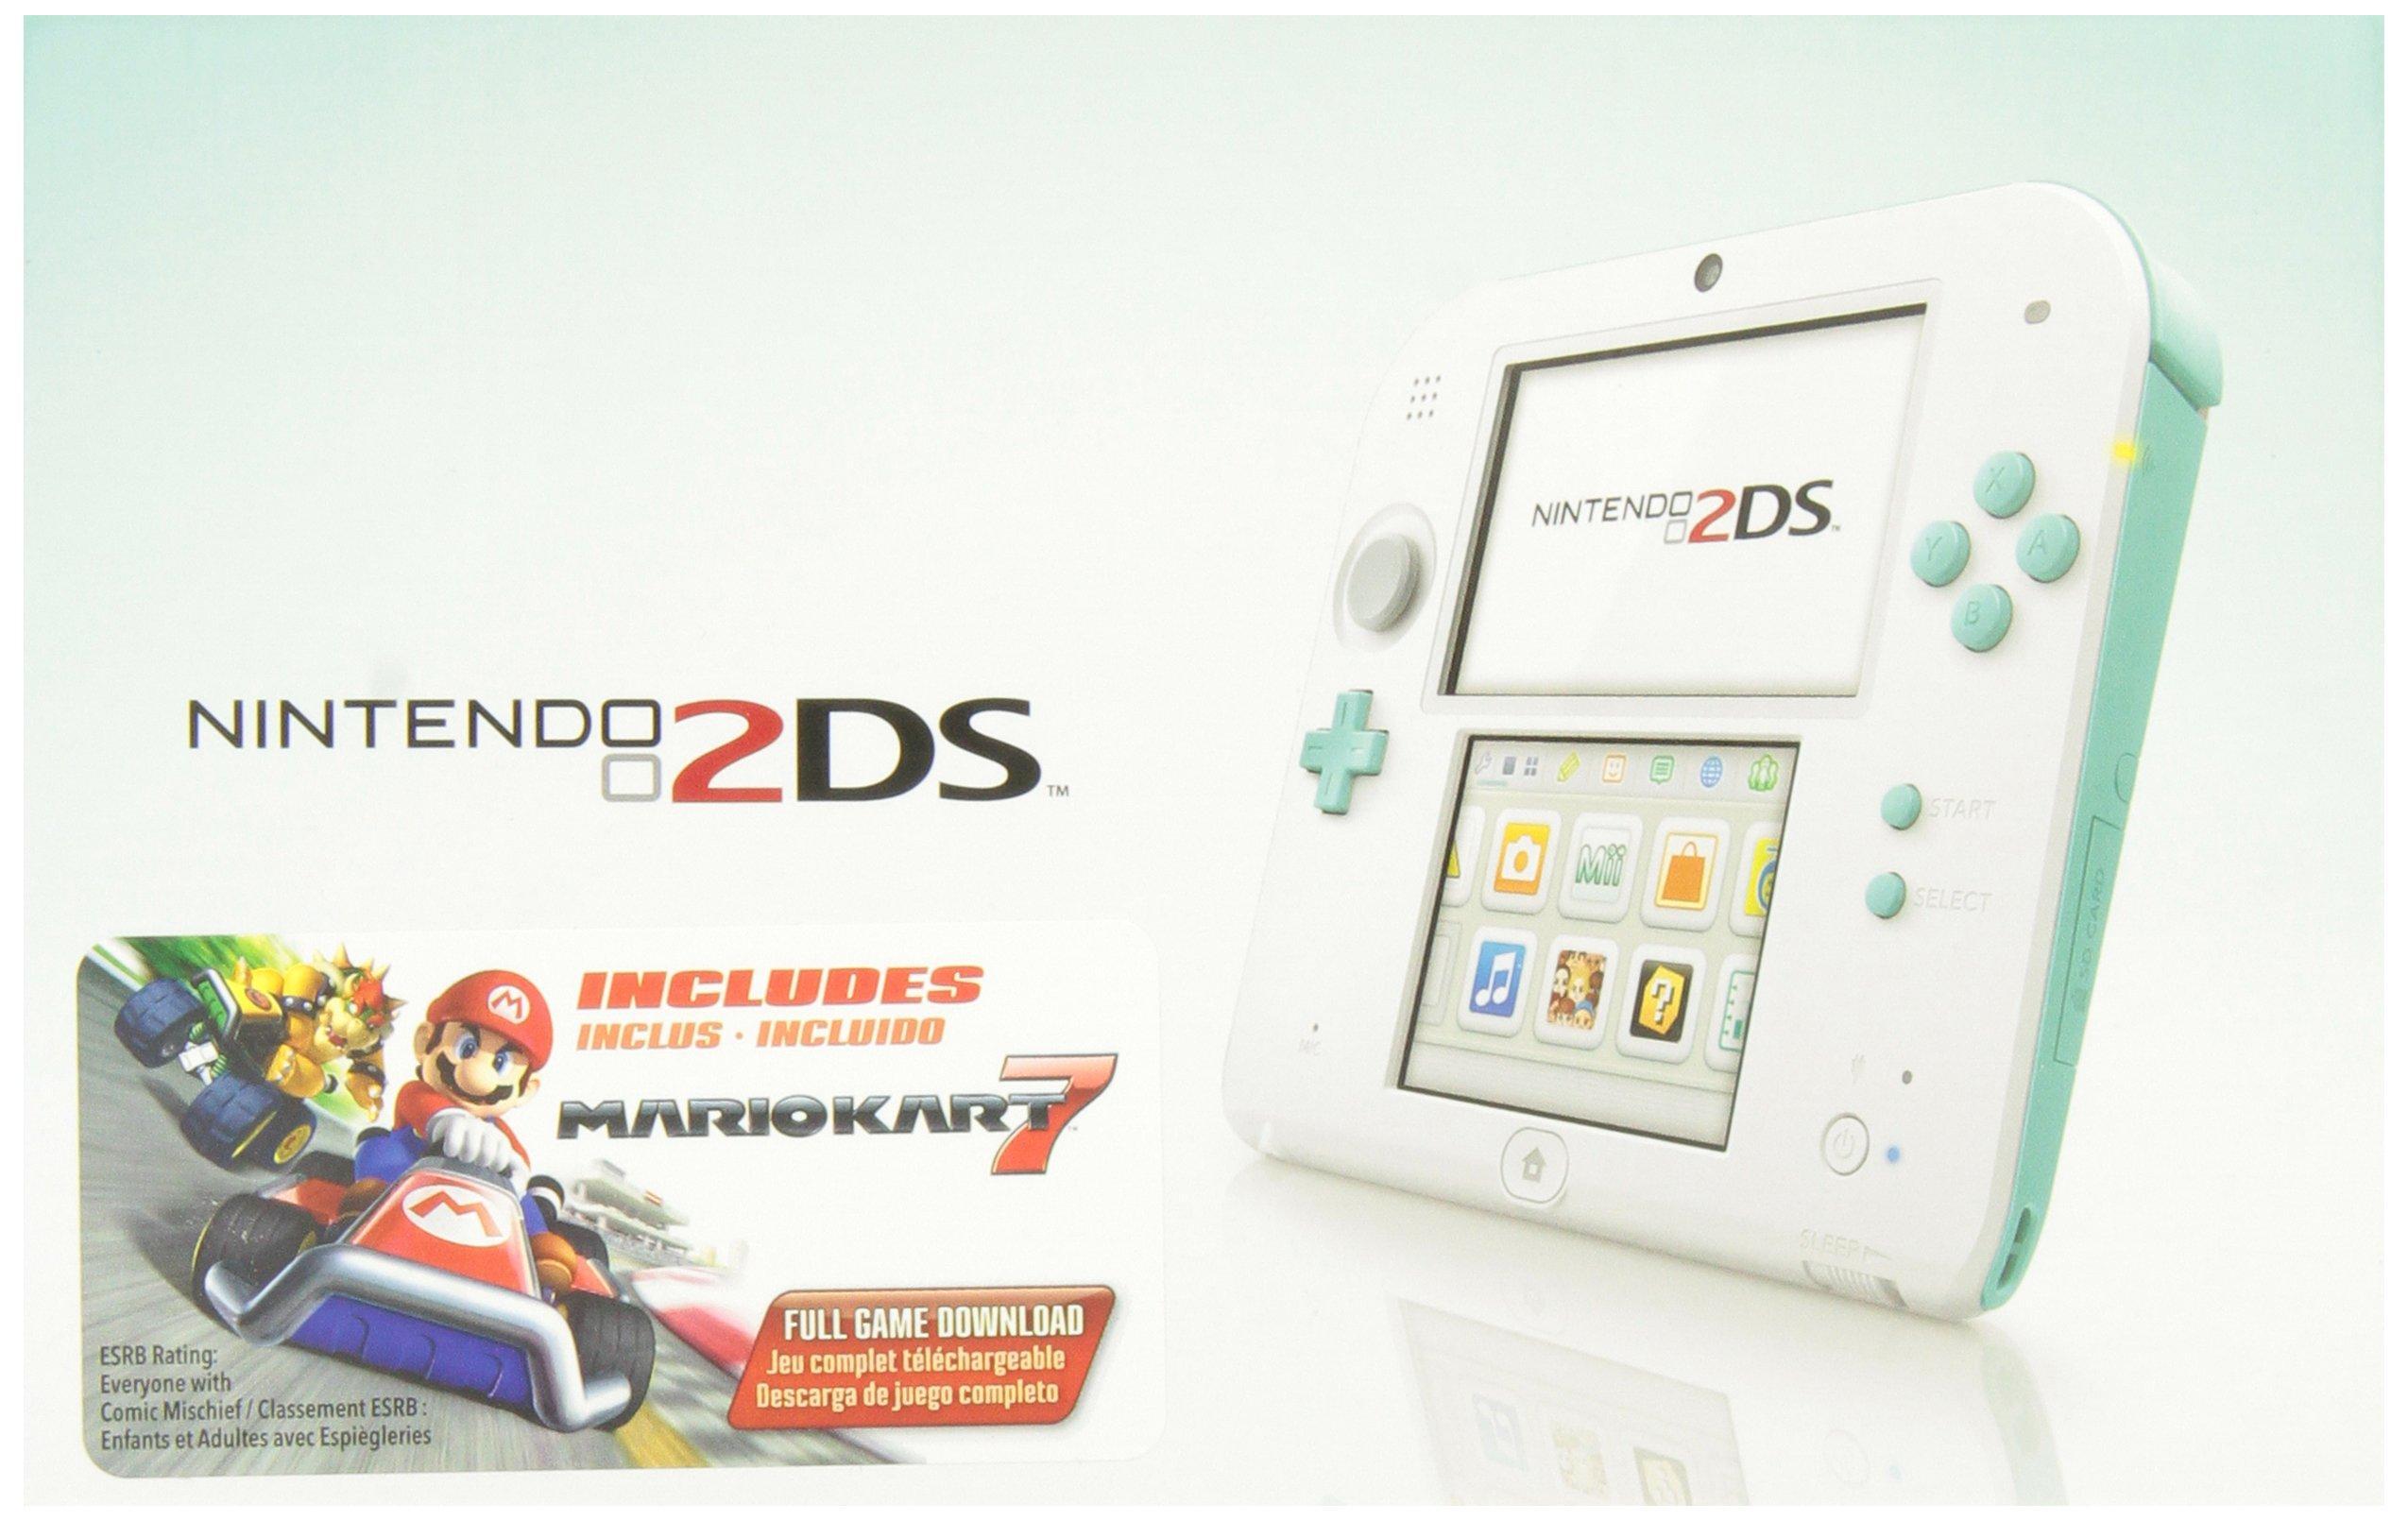 Nintendo 2DS Sea Green (Includes Mario Kart 7) by Nintendo (Image #5)